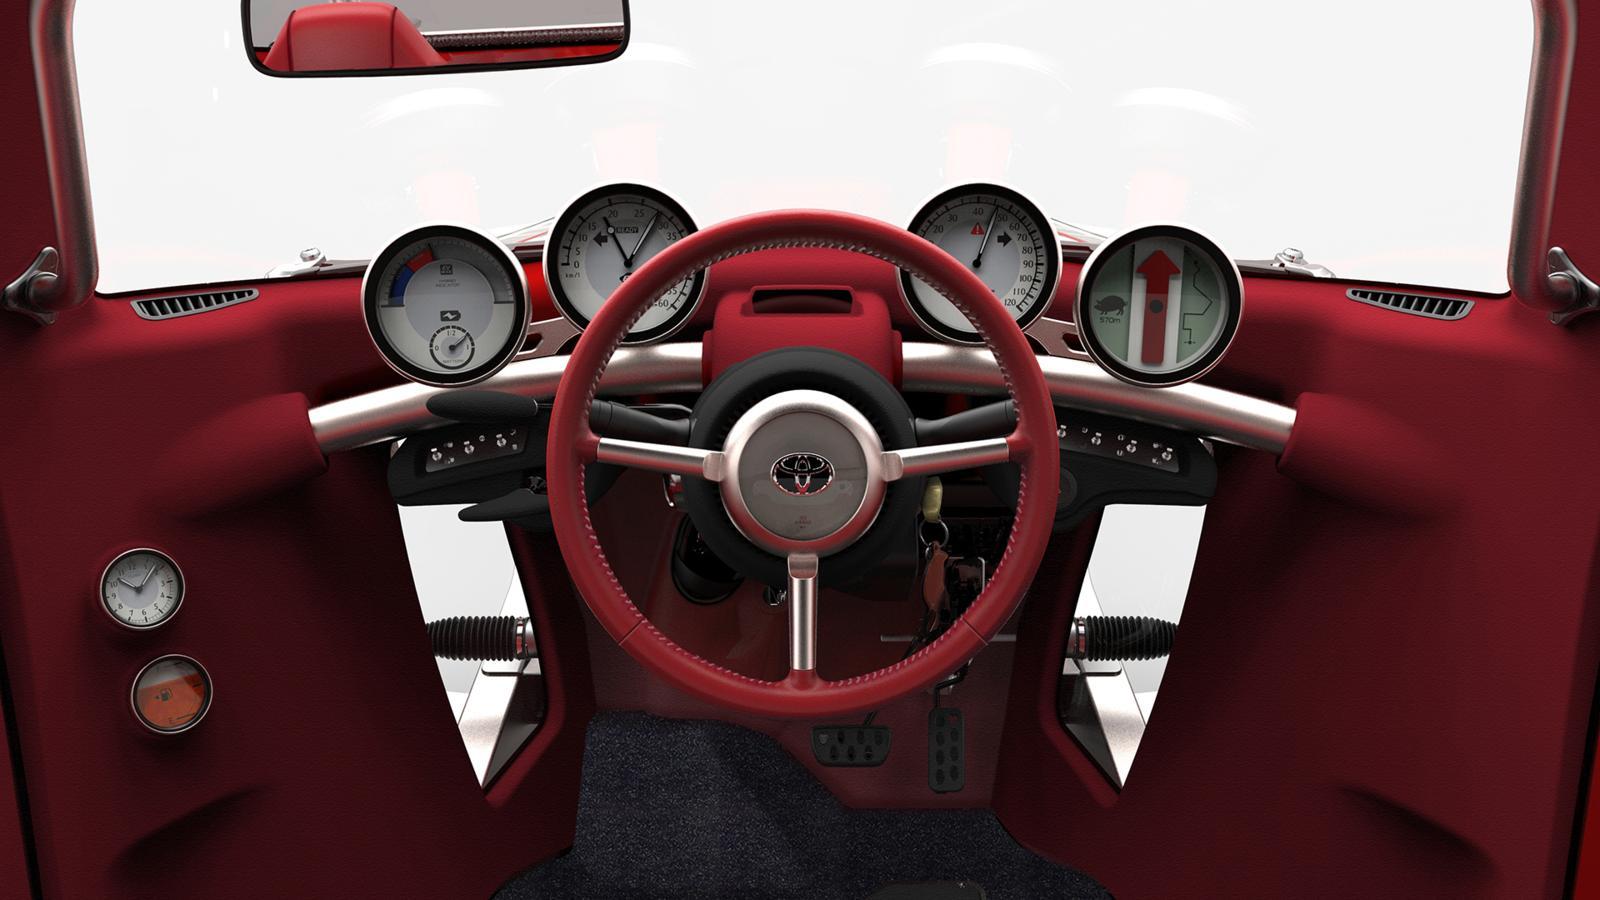 Toyota Kikai 2015 Concept Car-1